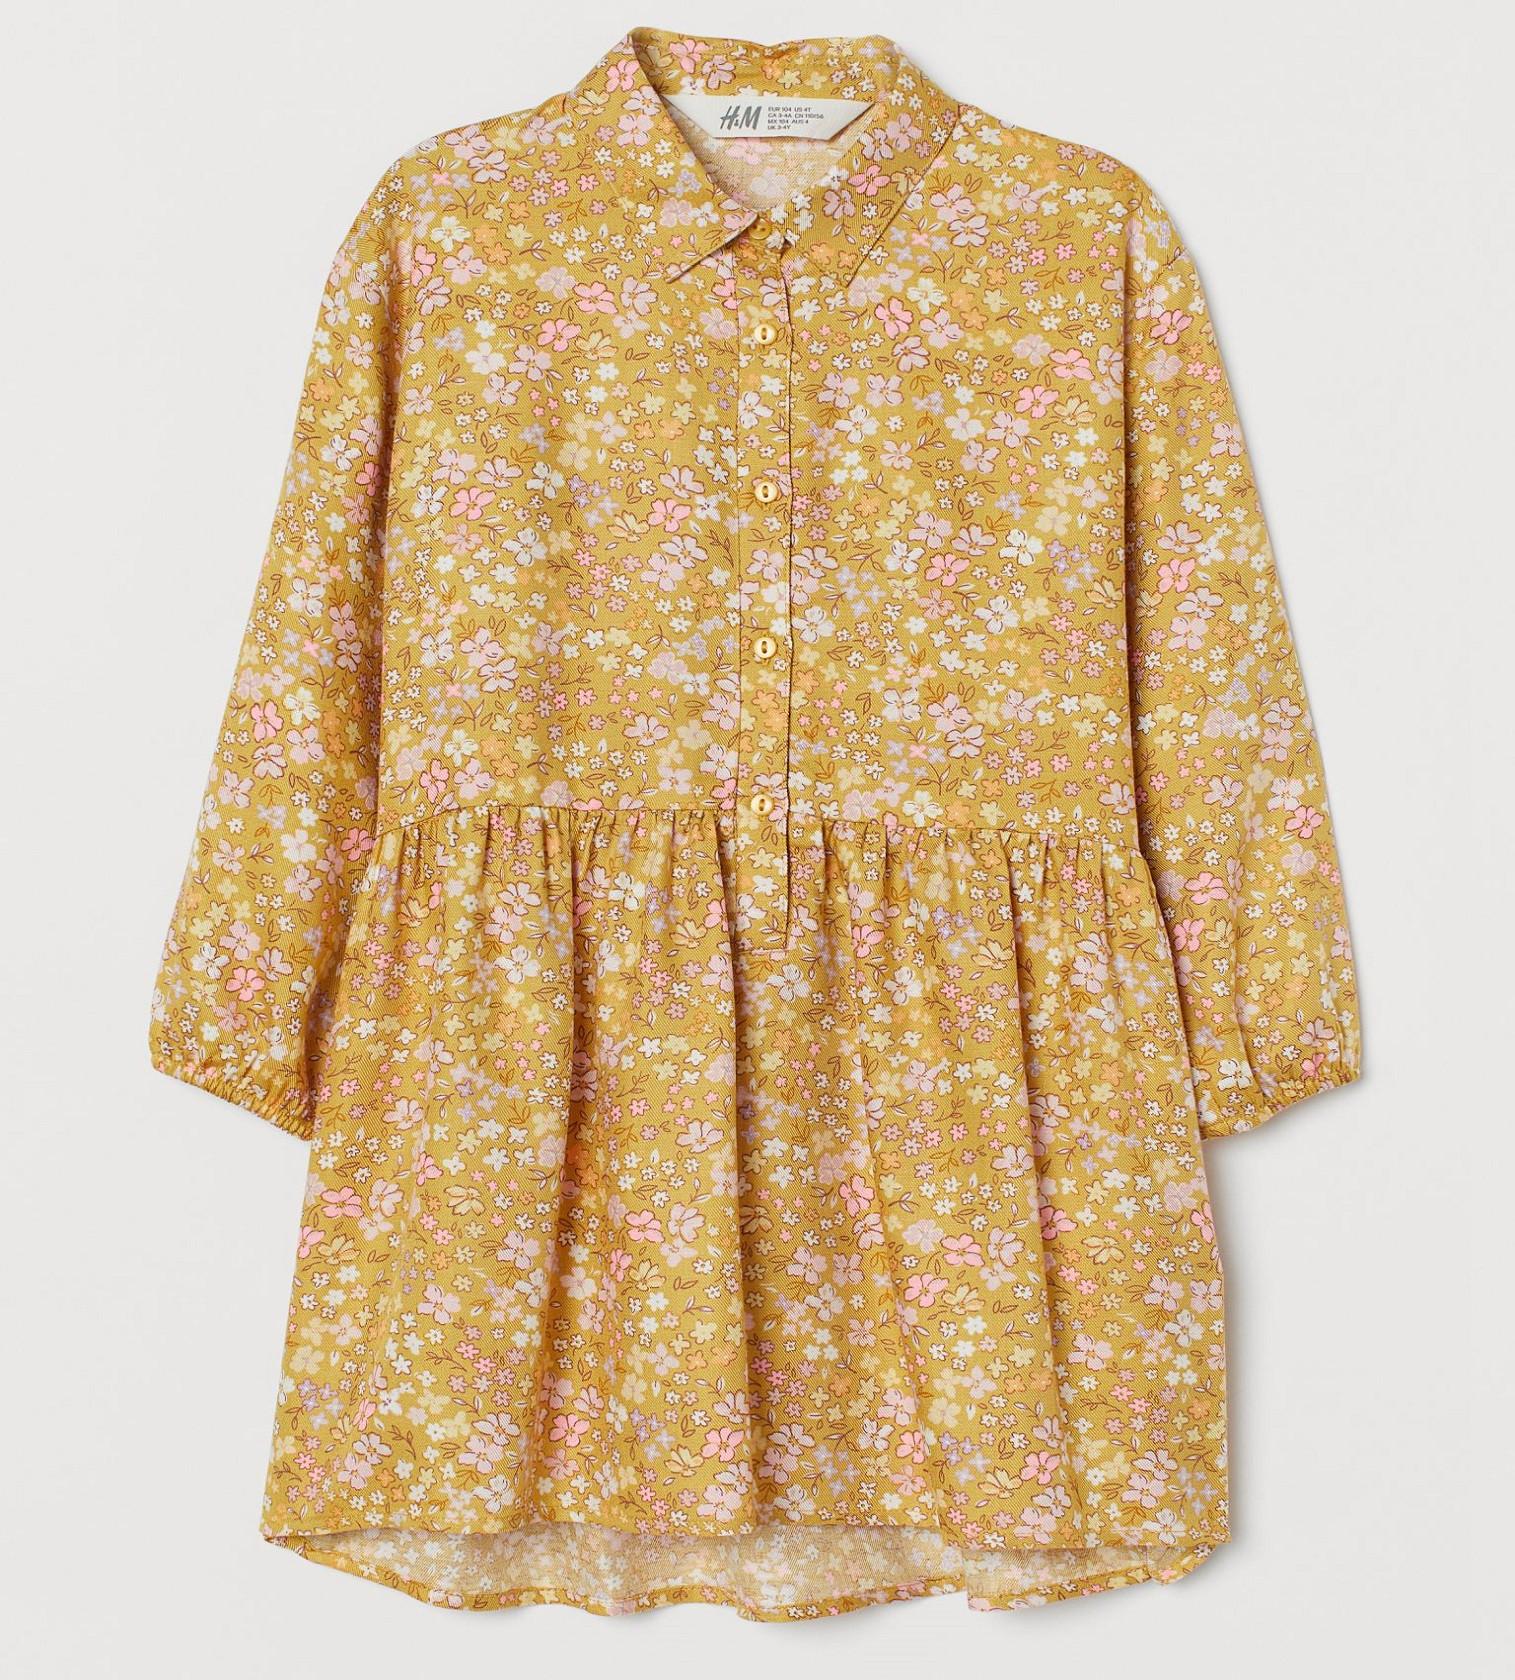 Купити Сукня H&M Жовтий / Квіти - фото 1